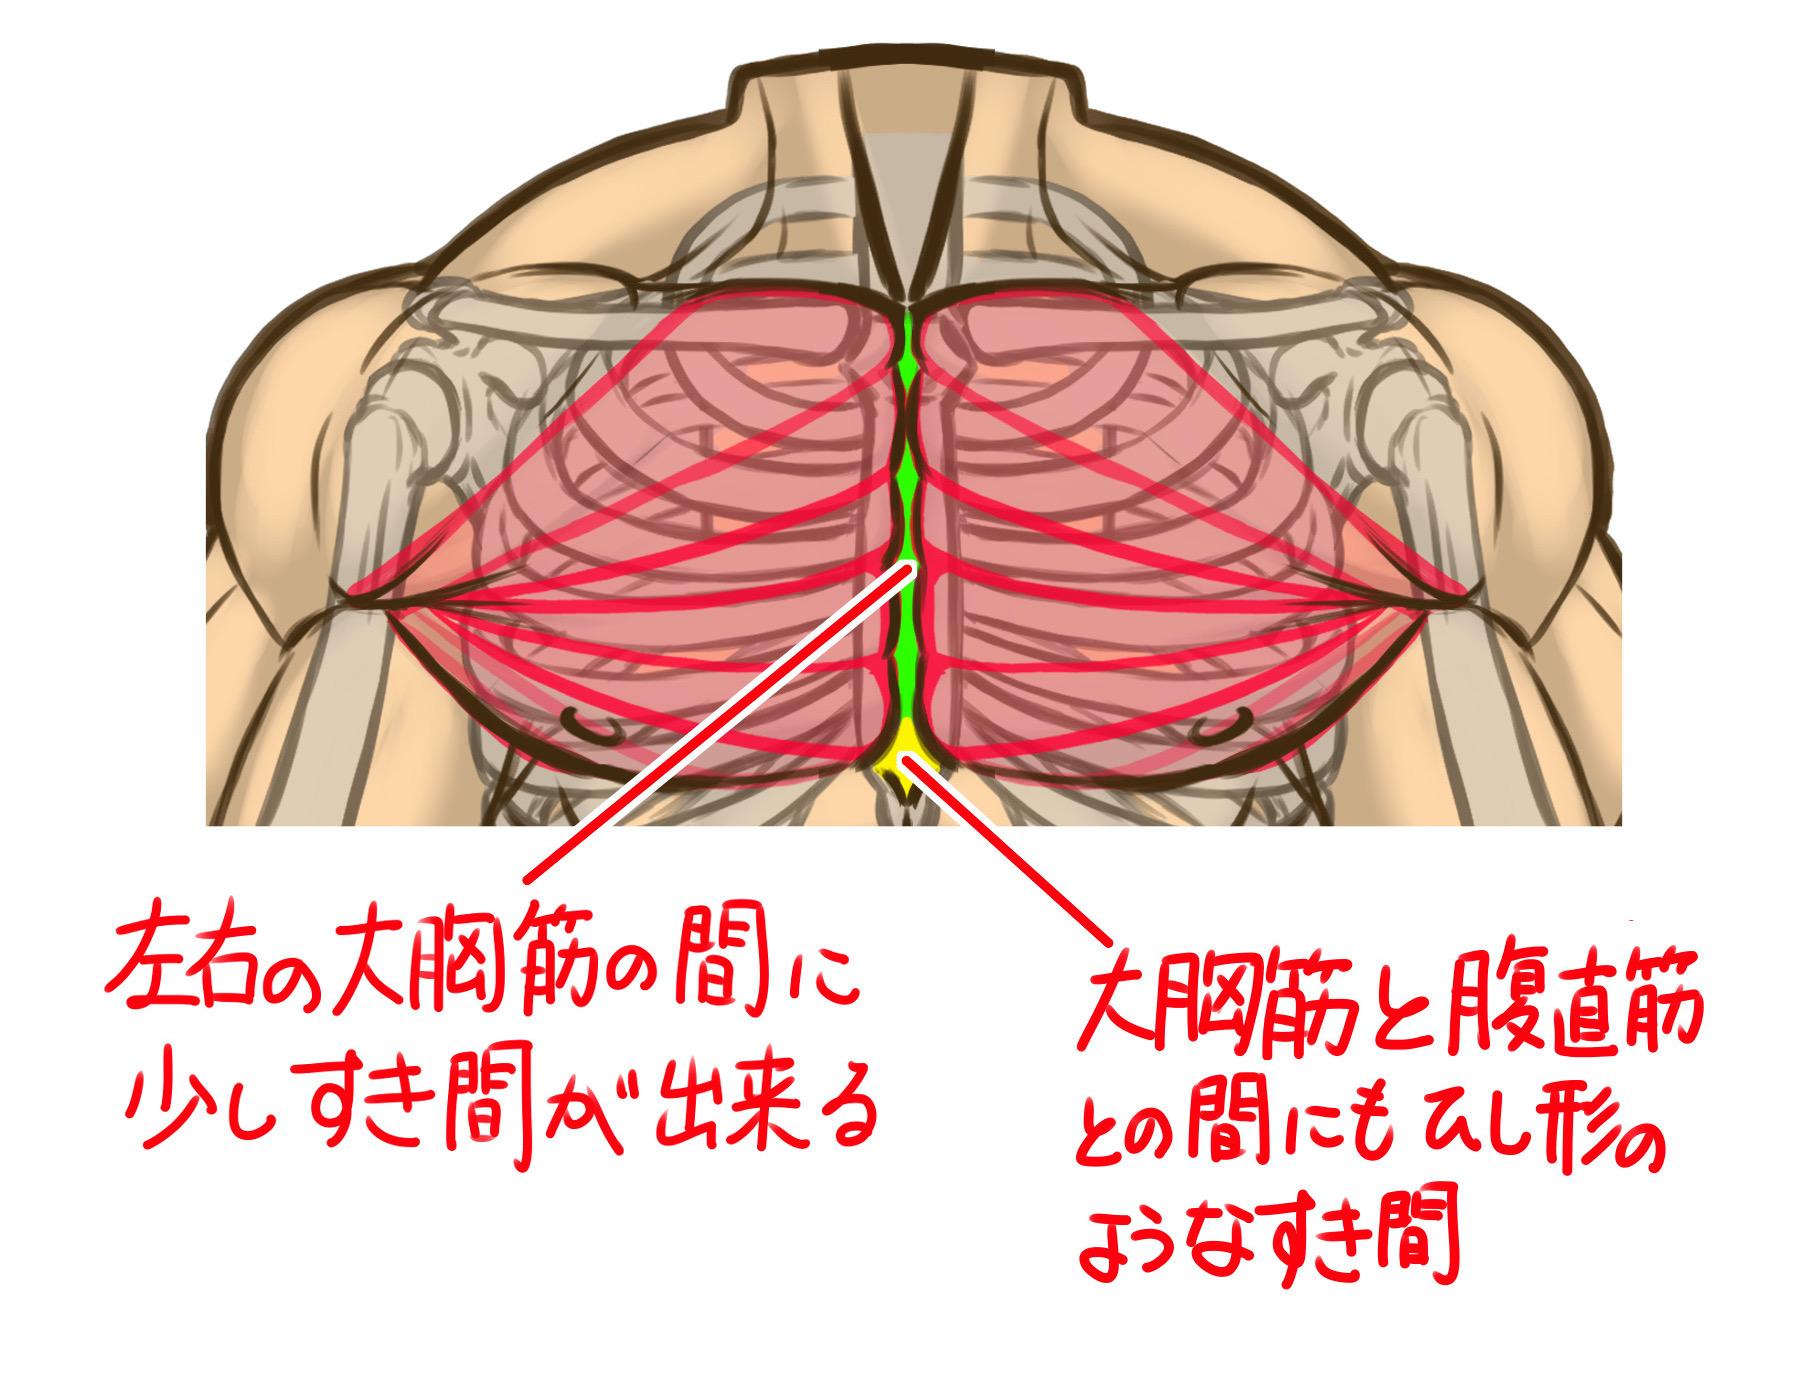 左右の大胸筋同士はピッタリくっついているのではなく、少し隙間をあけて胸骨が少し見える形でくっついていて、大胸筋と腹直筋の間にもひし型(三角)の隙間があいています。